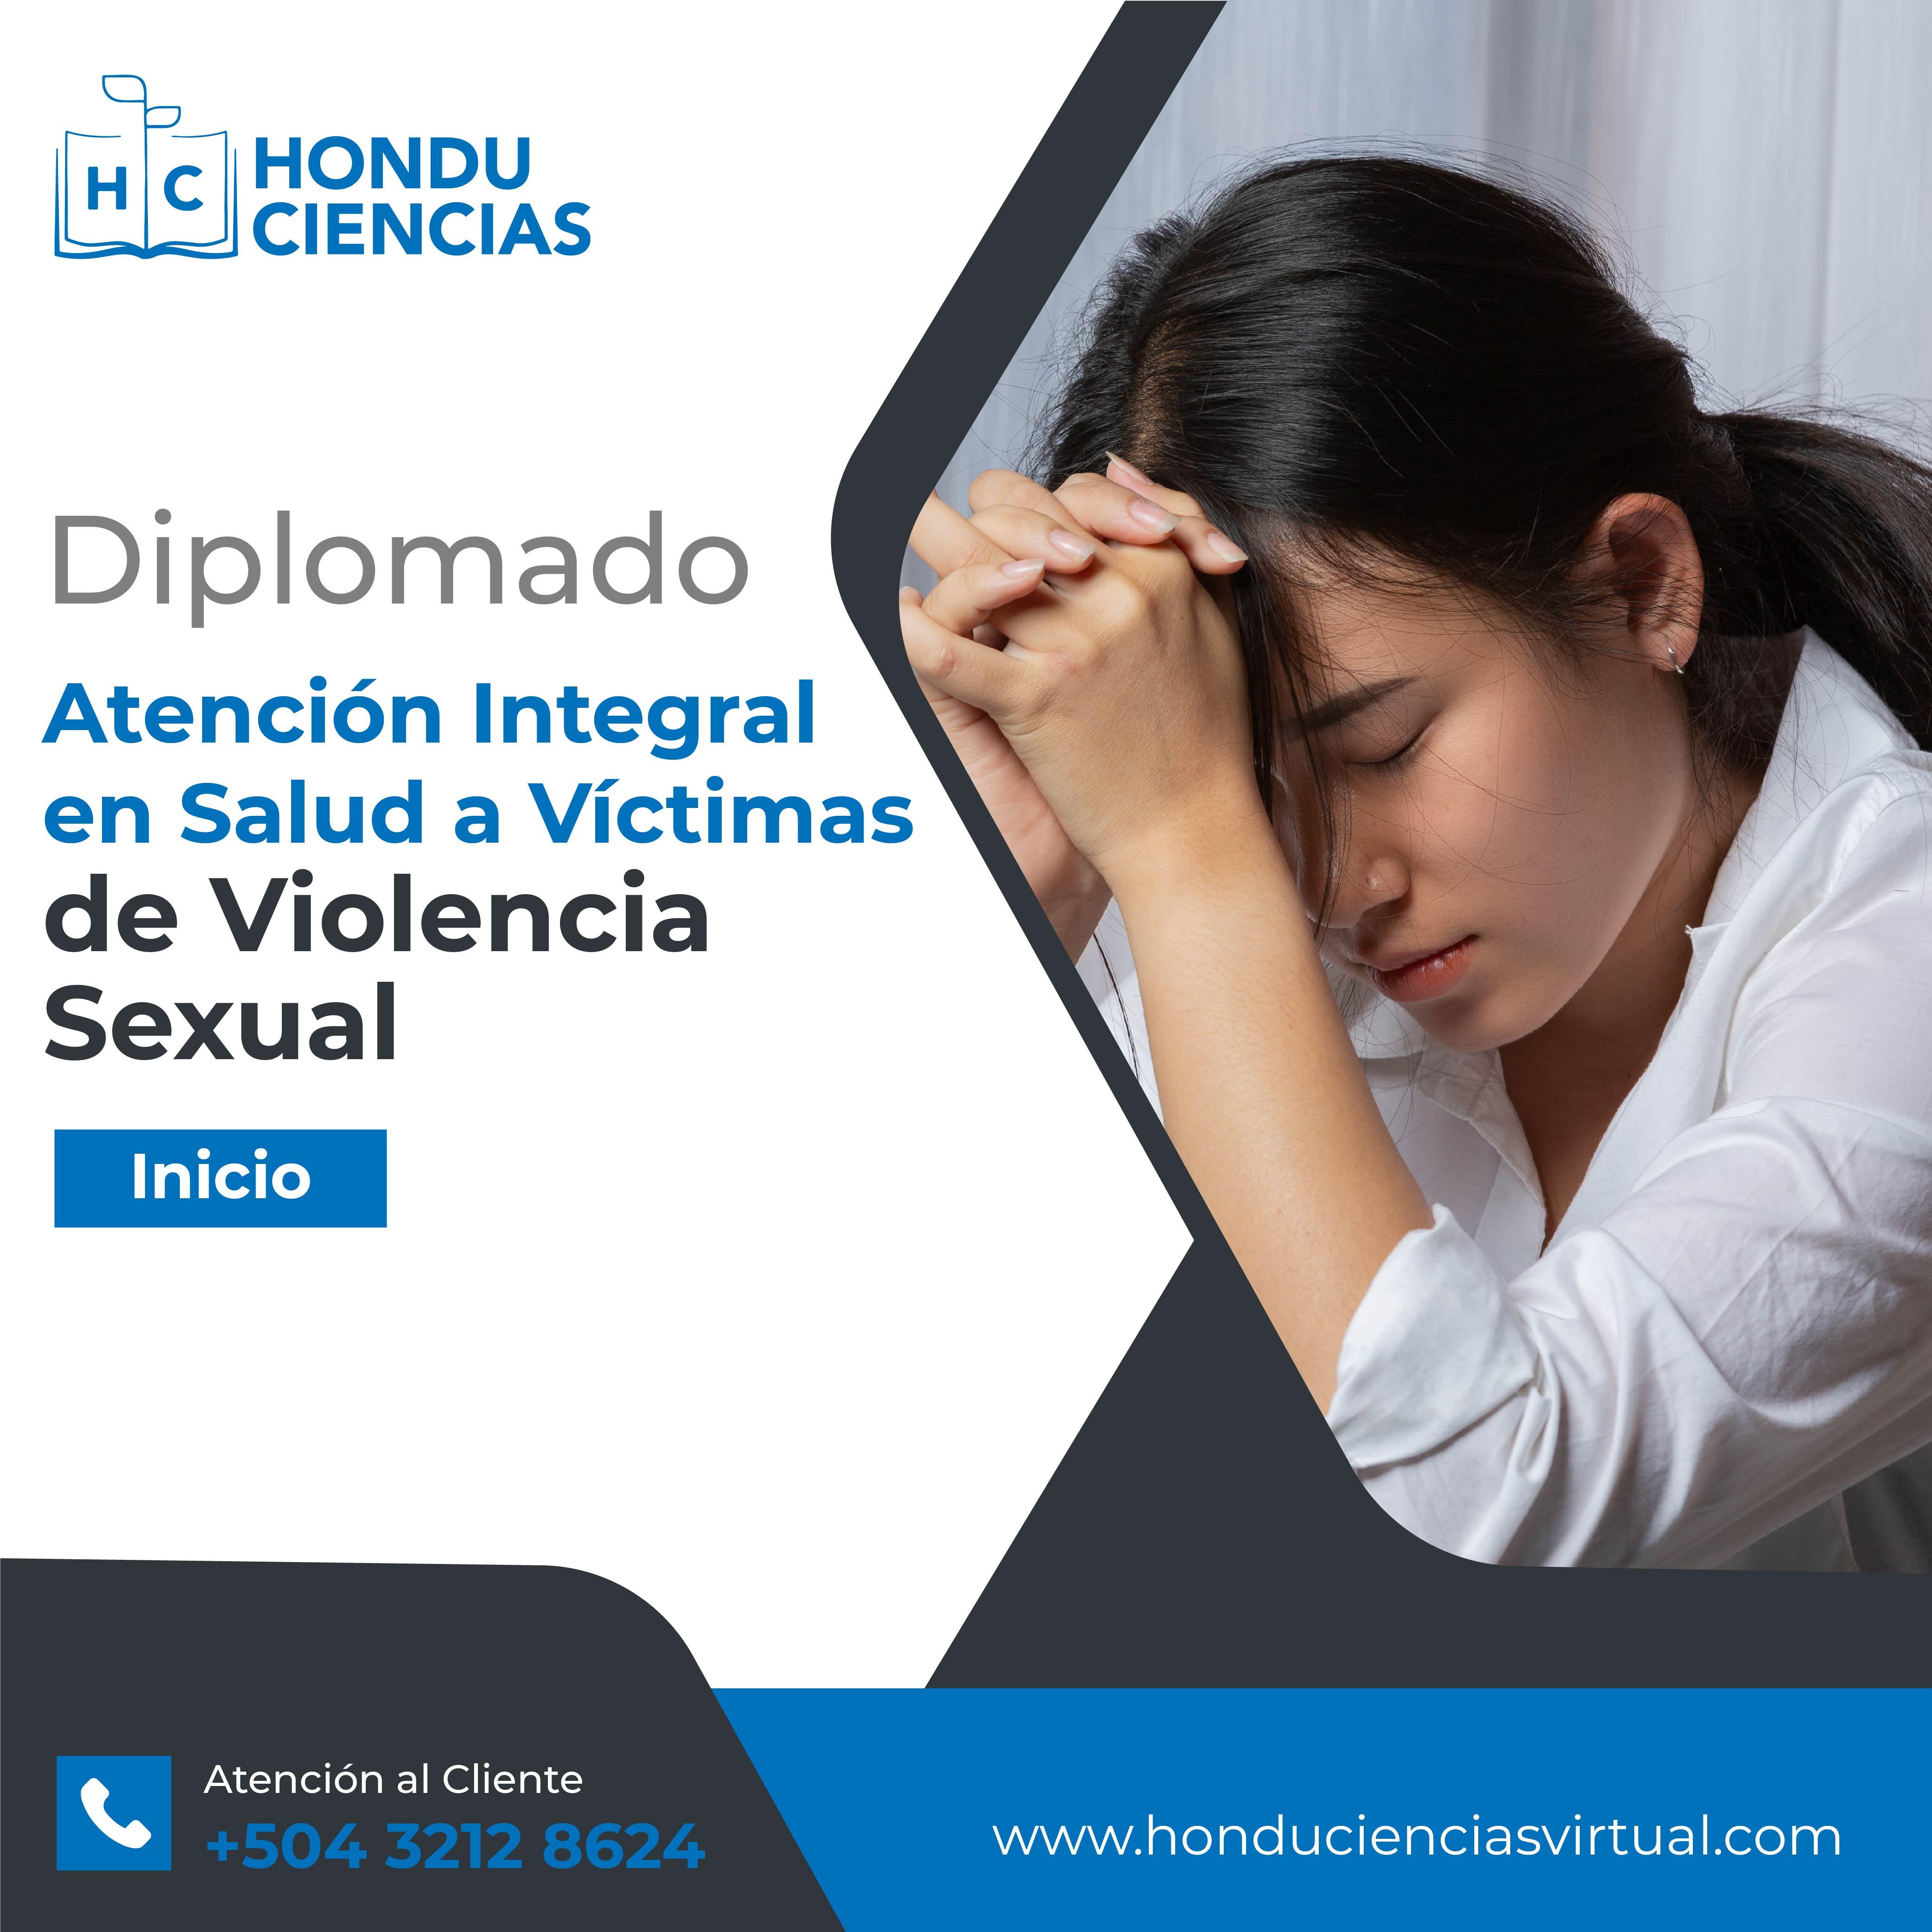 Atención Integral en Salud de las Víctimas de Violencia Sexual